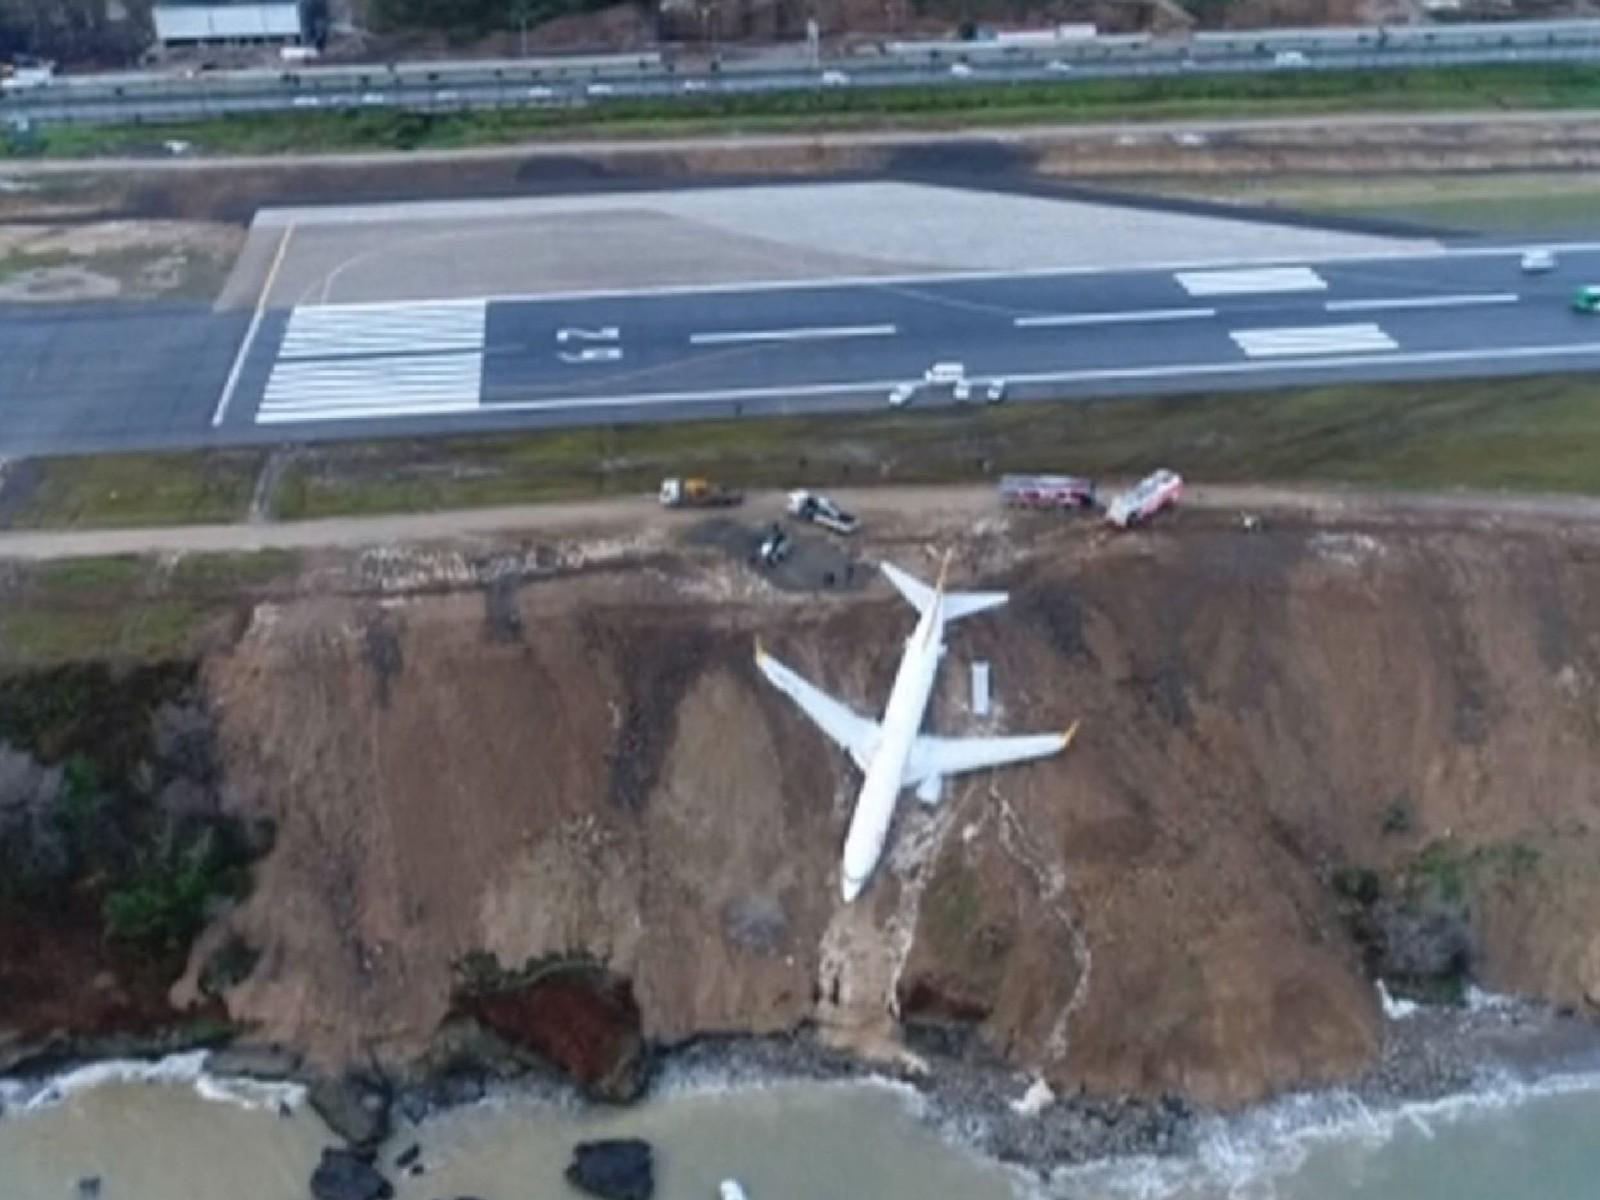 (video) Turcia: Un avion a ieșit de pe pistă și a rămas blocat în noroi, la câţiva metri de apele Mării Negre